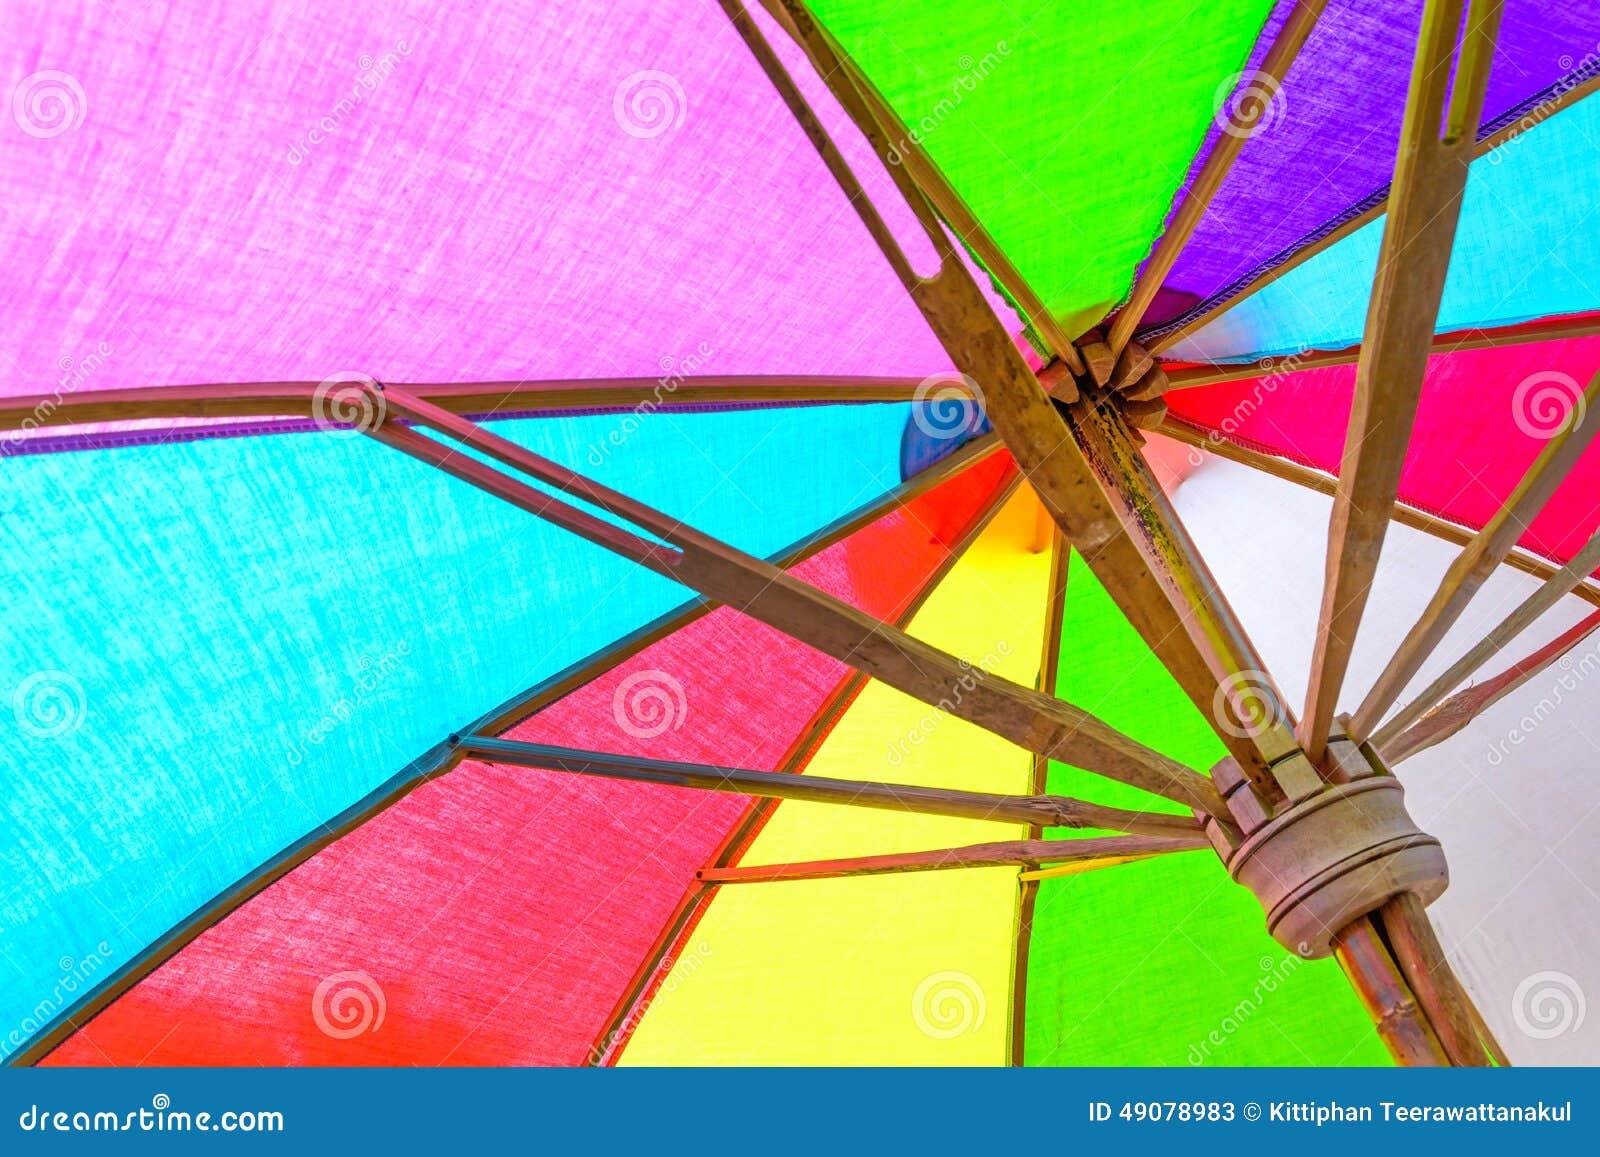 Feche acima do guarda-chuva interno